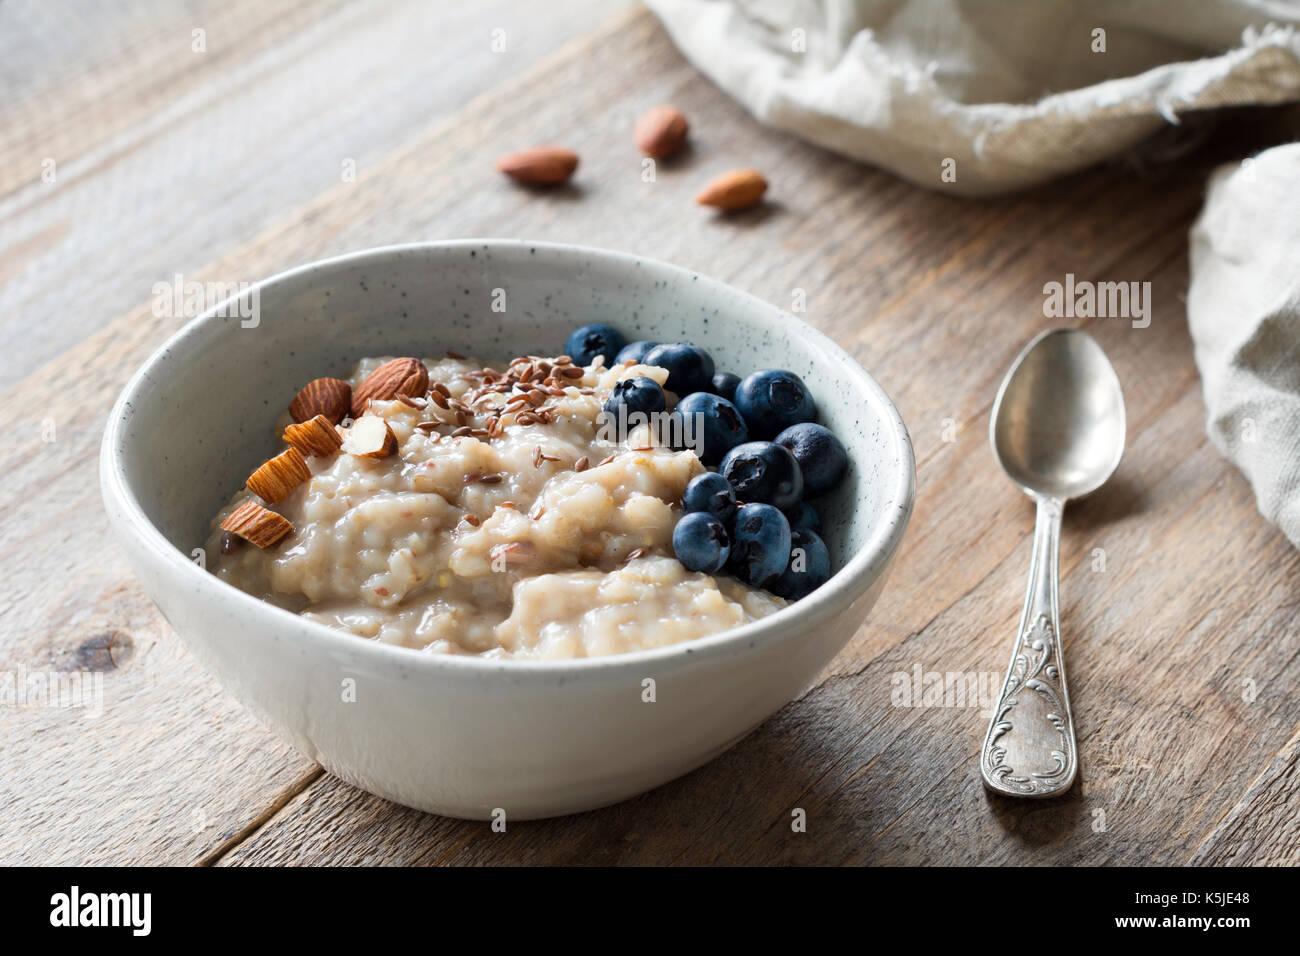 Gruau d'avoine avec des bleuets, d'amandes, linseeds dans un bol sur la table en bois. super aliment pour petit-déjeuner nutritif sain Photo Stock